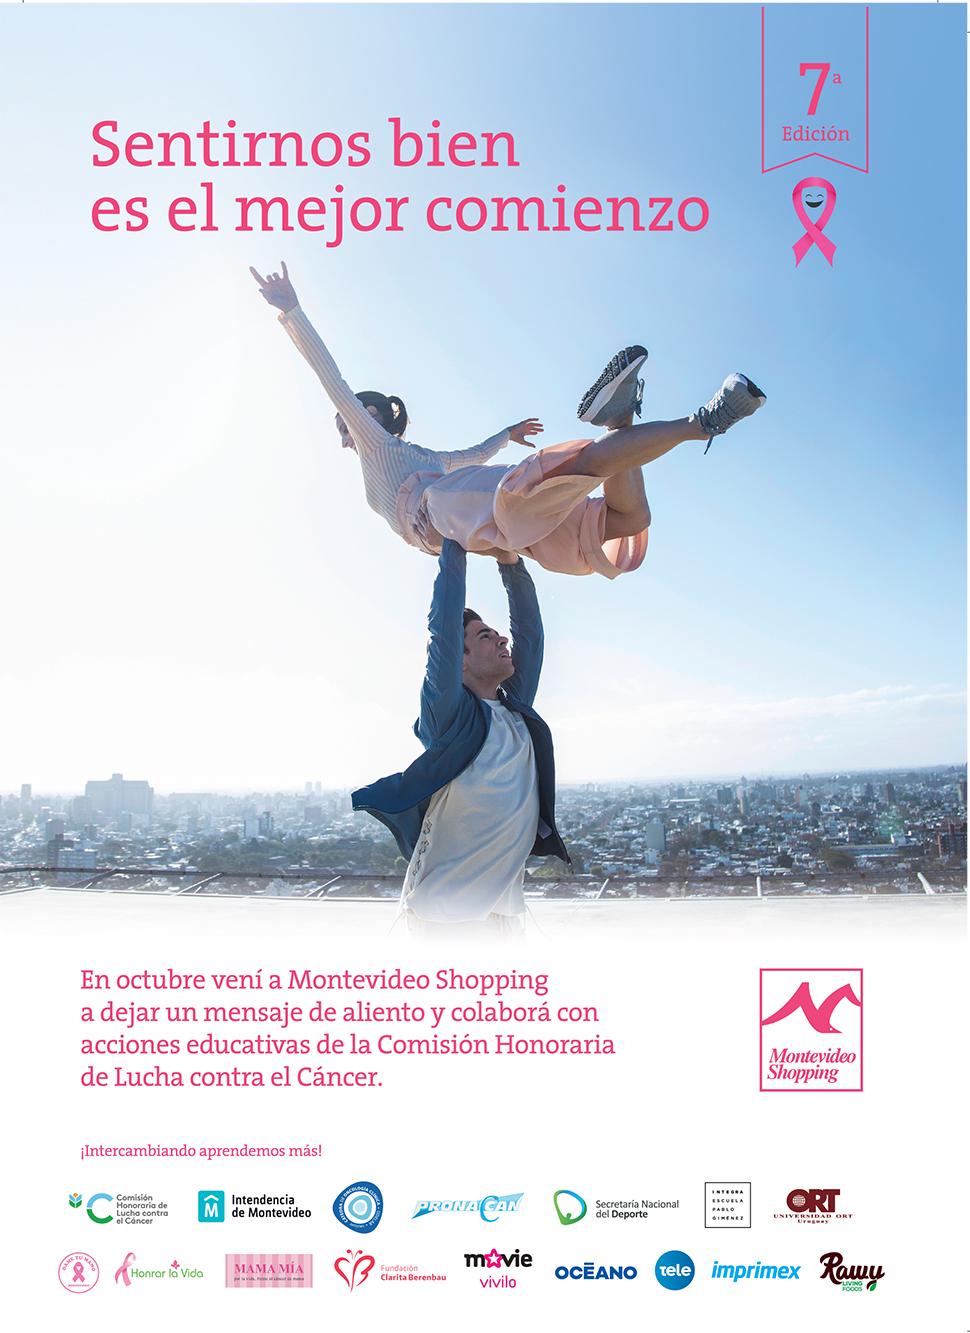 Montevideo lucha contra el cáncer